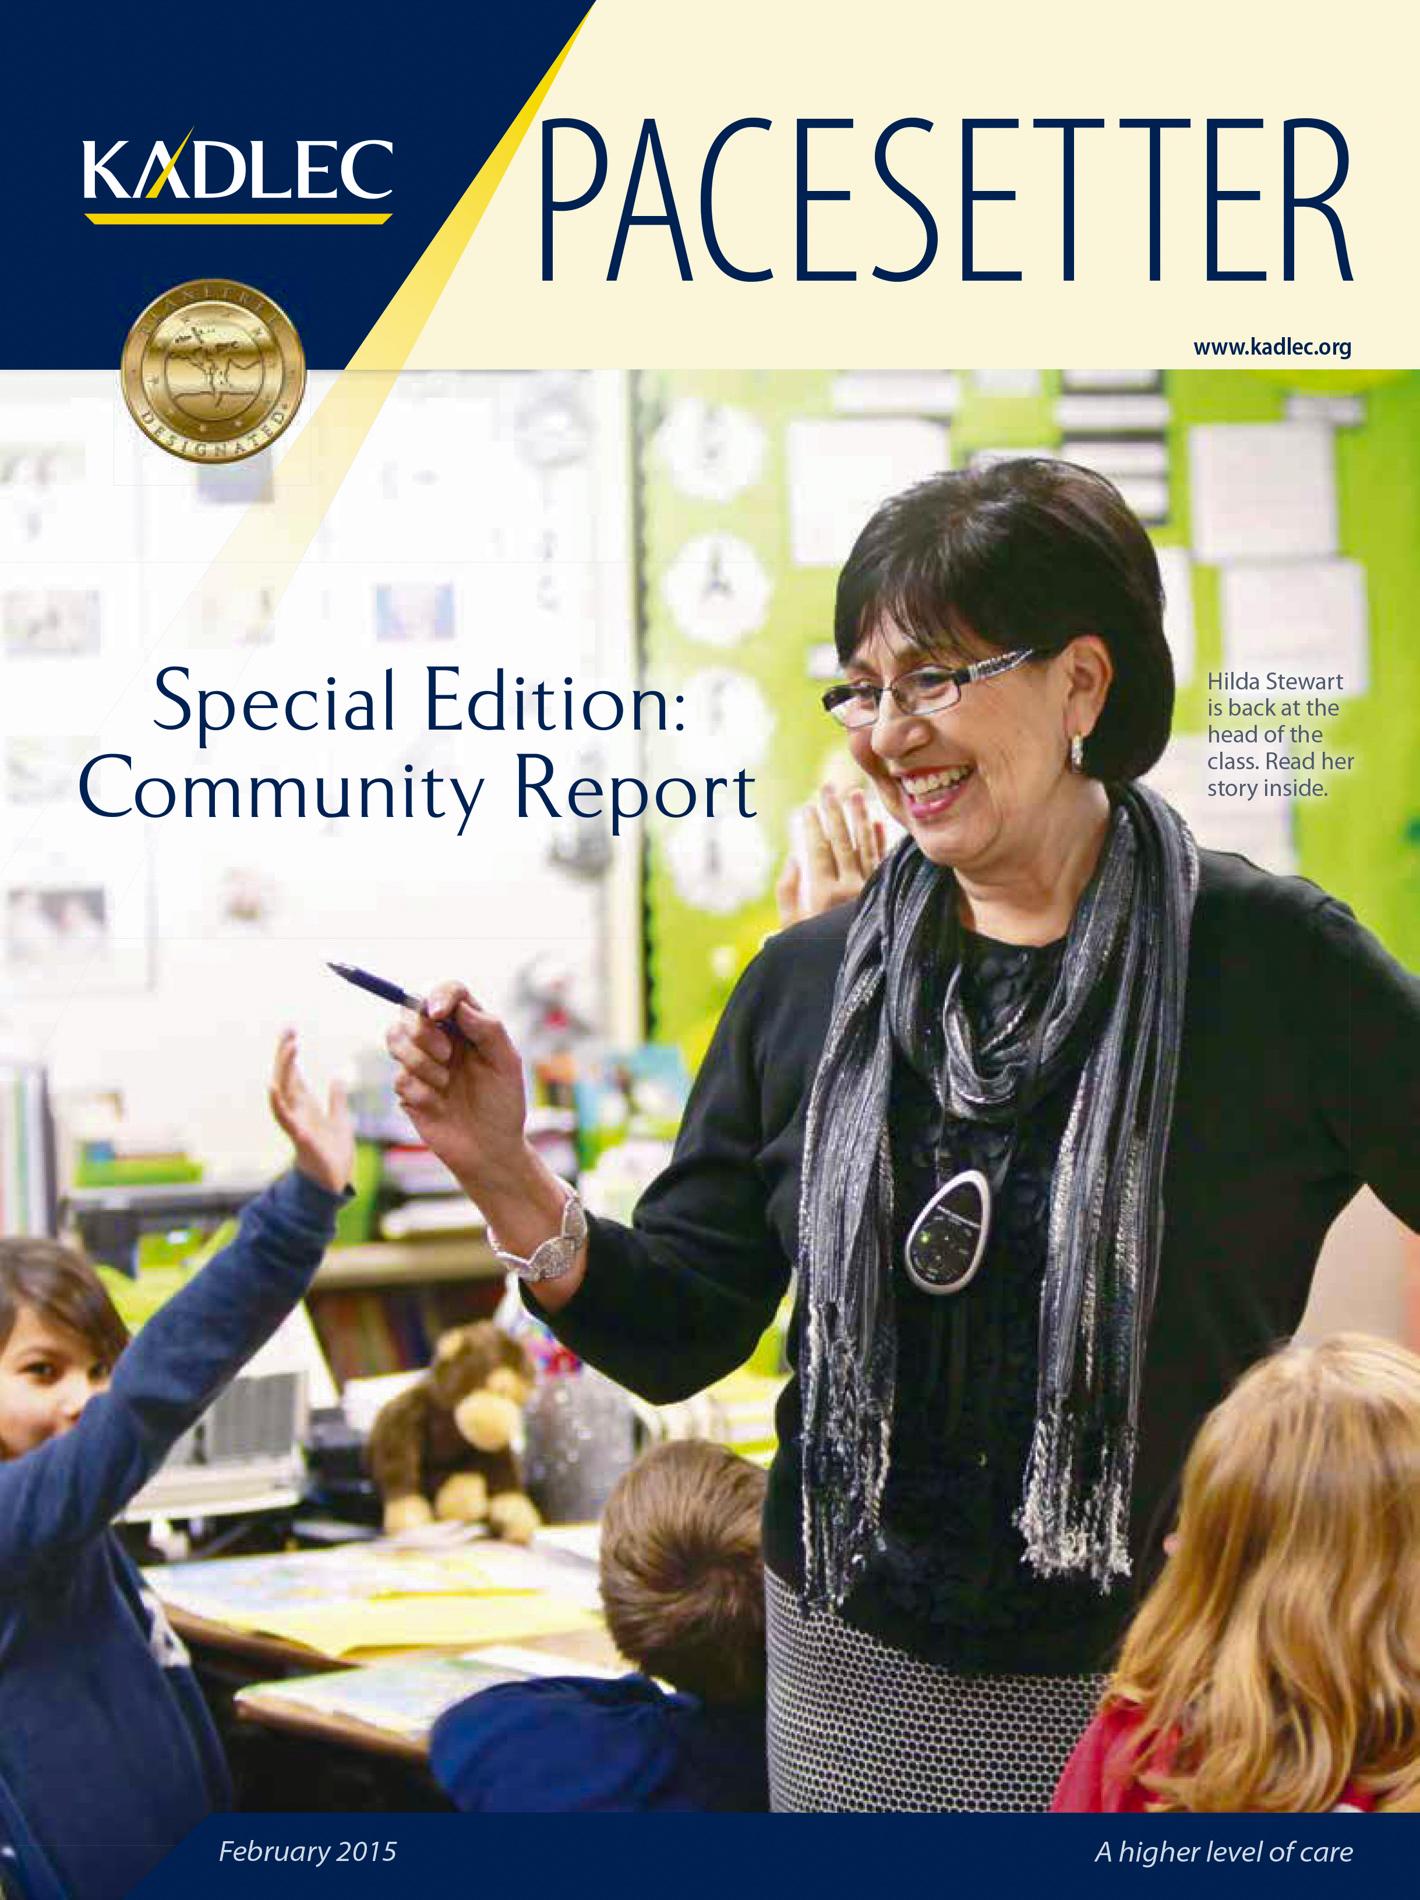 Kadlec Pacesetter Cover